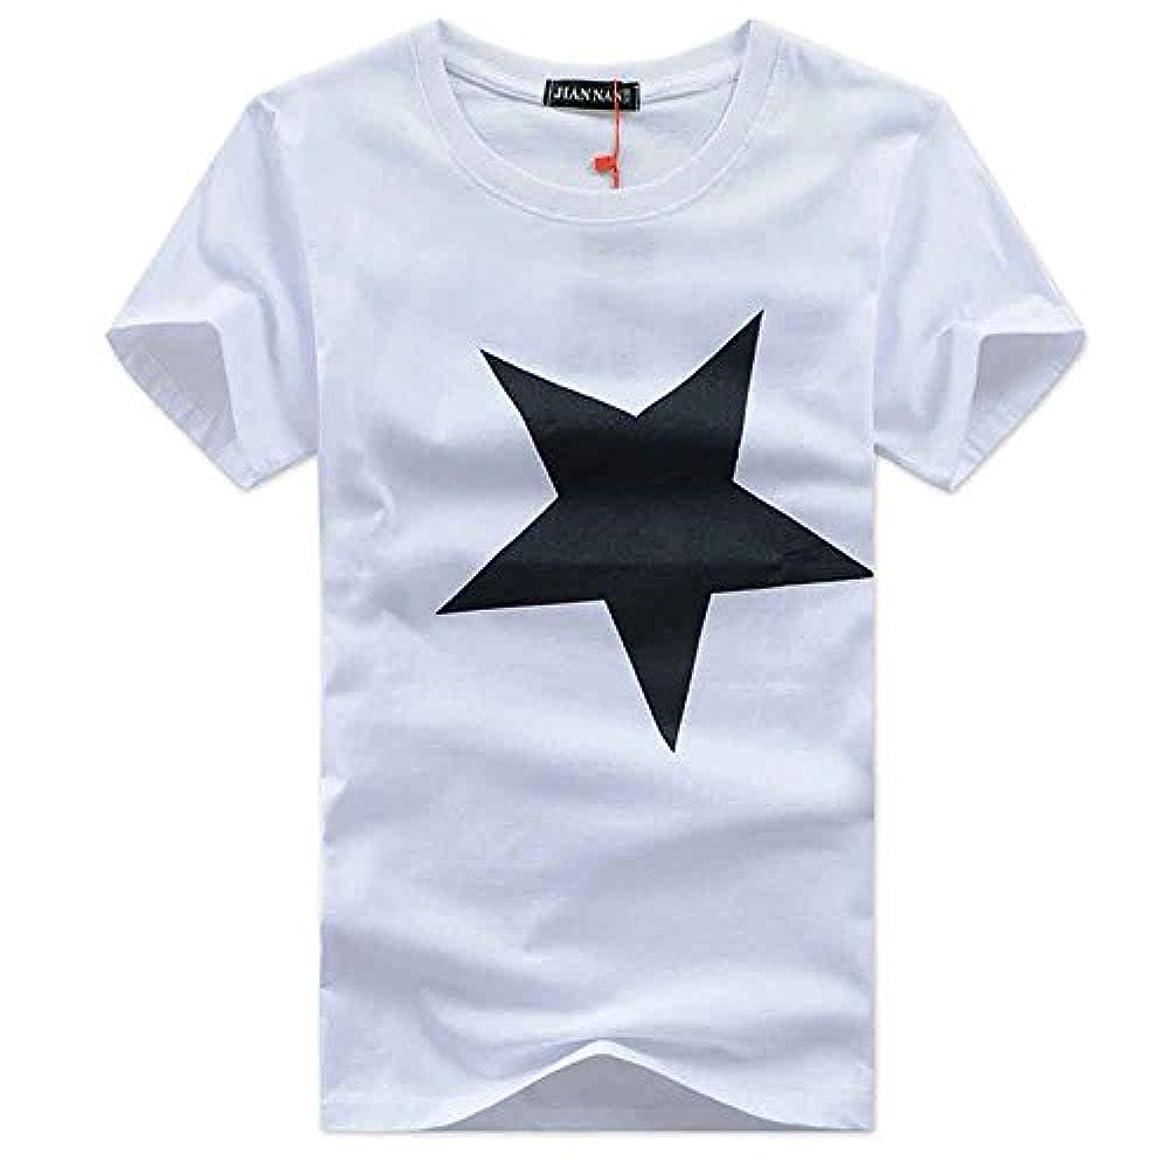 メトリックスコアファンブルDafanetかっこいいティーシャツドット Tシャツ ドライ 半袖 シャツ トップス ボーイズ シャツ 男の子 カットソー クール 無地  星柄 シンプルシンプル 人気 トレンド4色選択 大きいサイズ【メンズ】